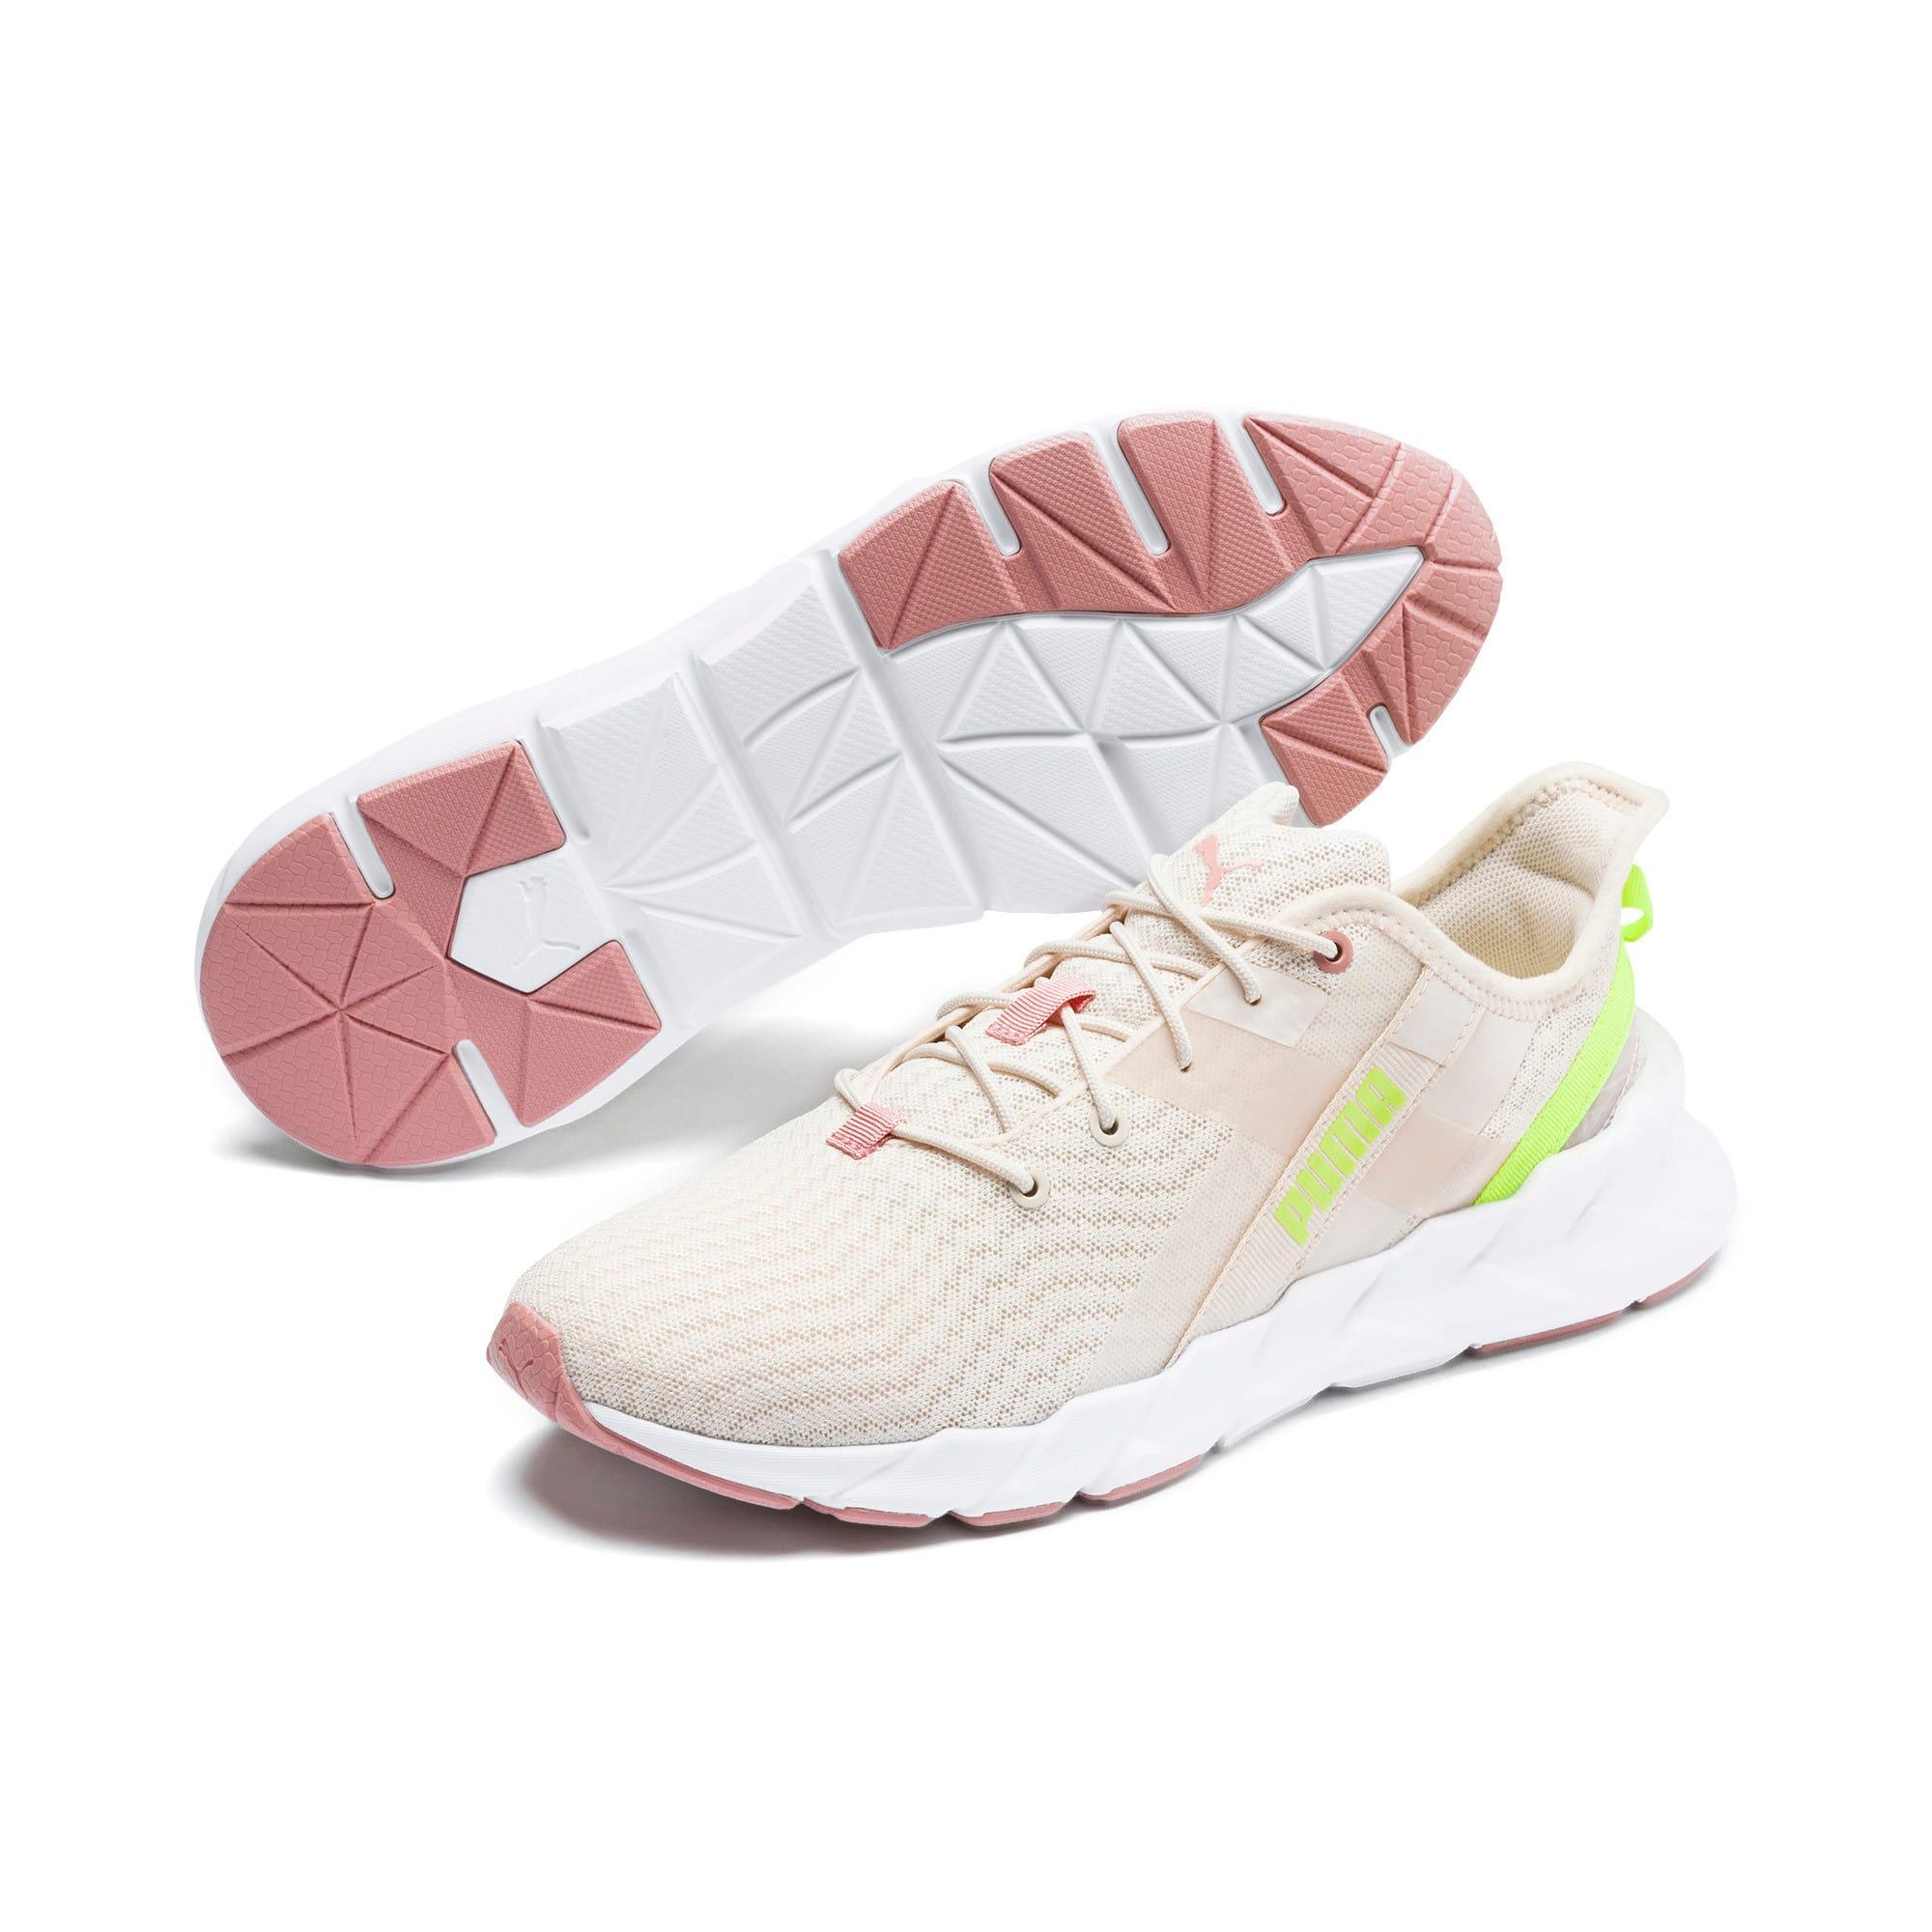 Thumbnail 3 of Weave Shift XT Women's Training Shoes, Pastel Parchment-Puma White, medium